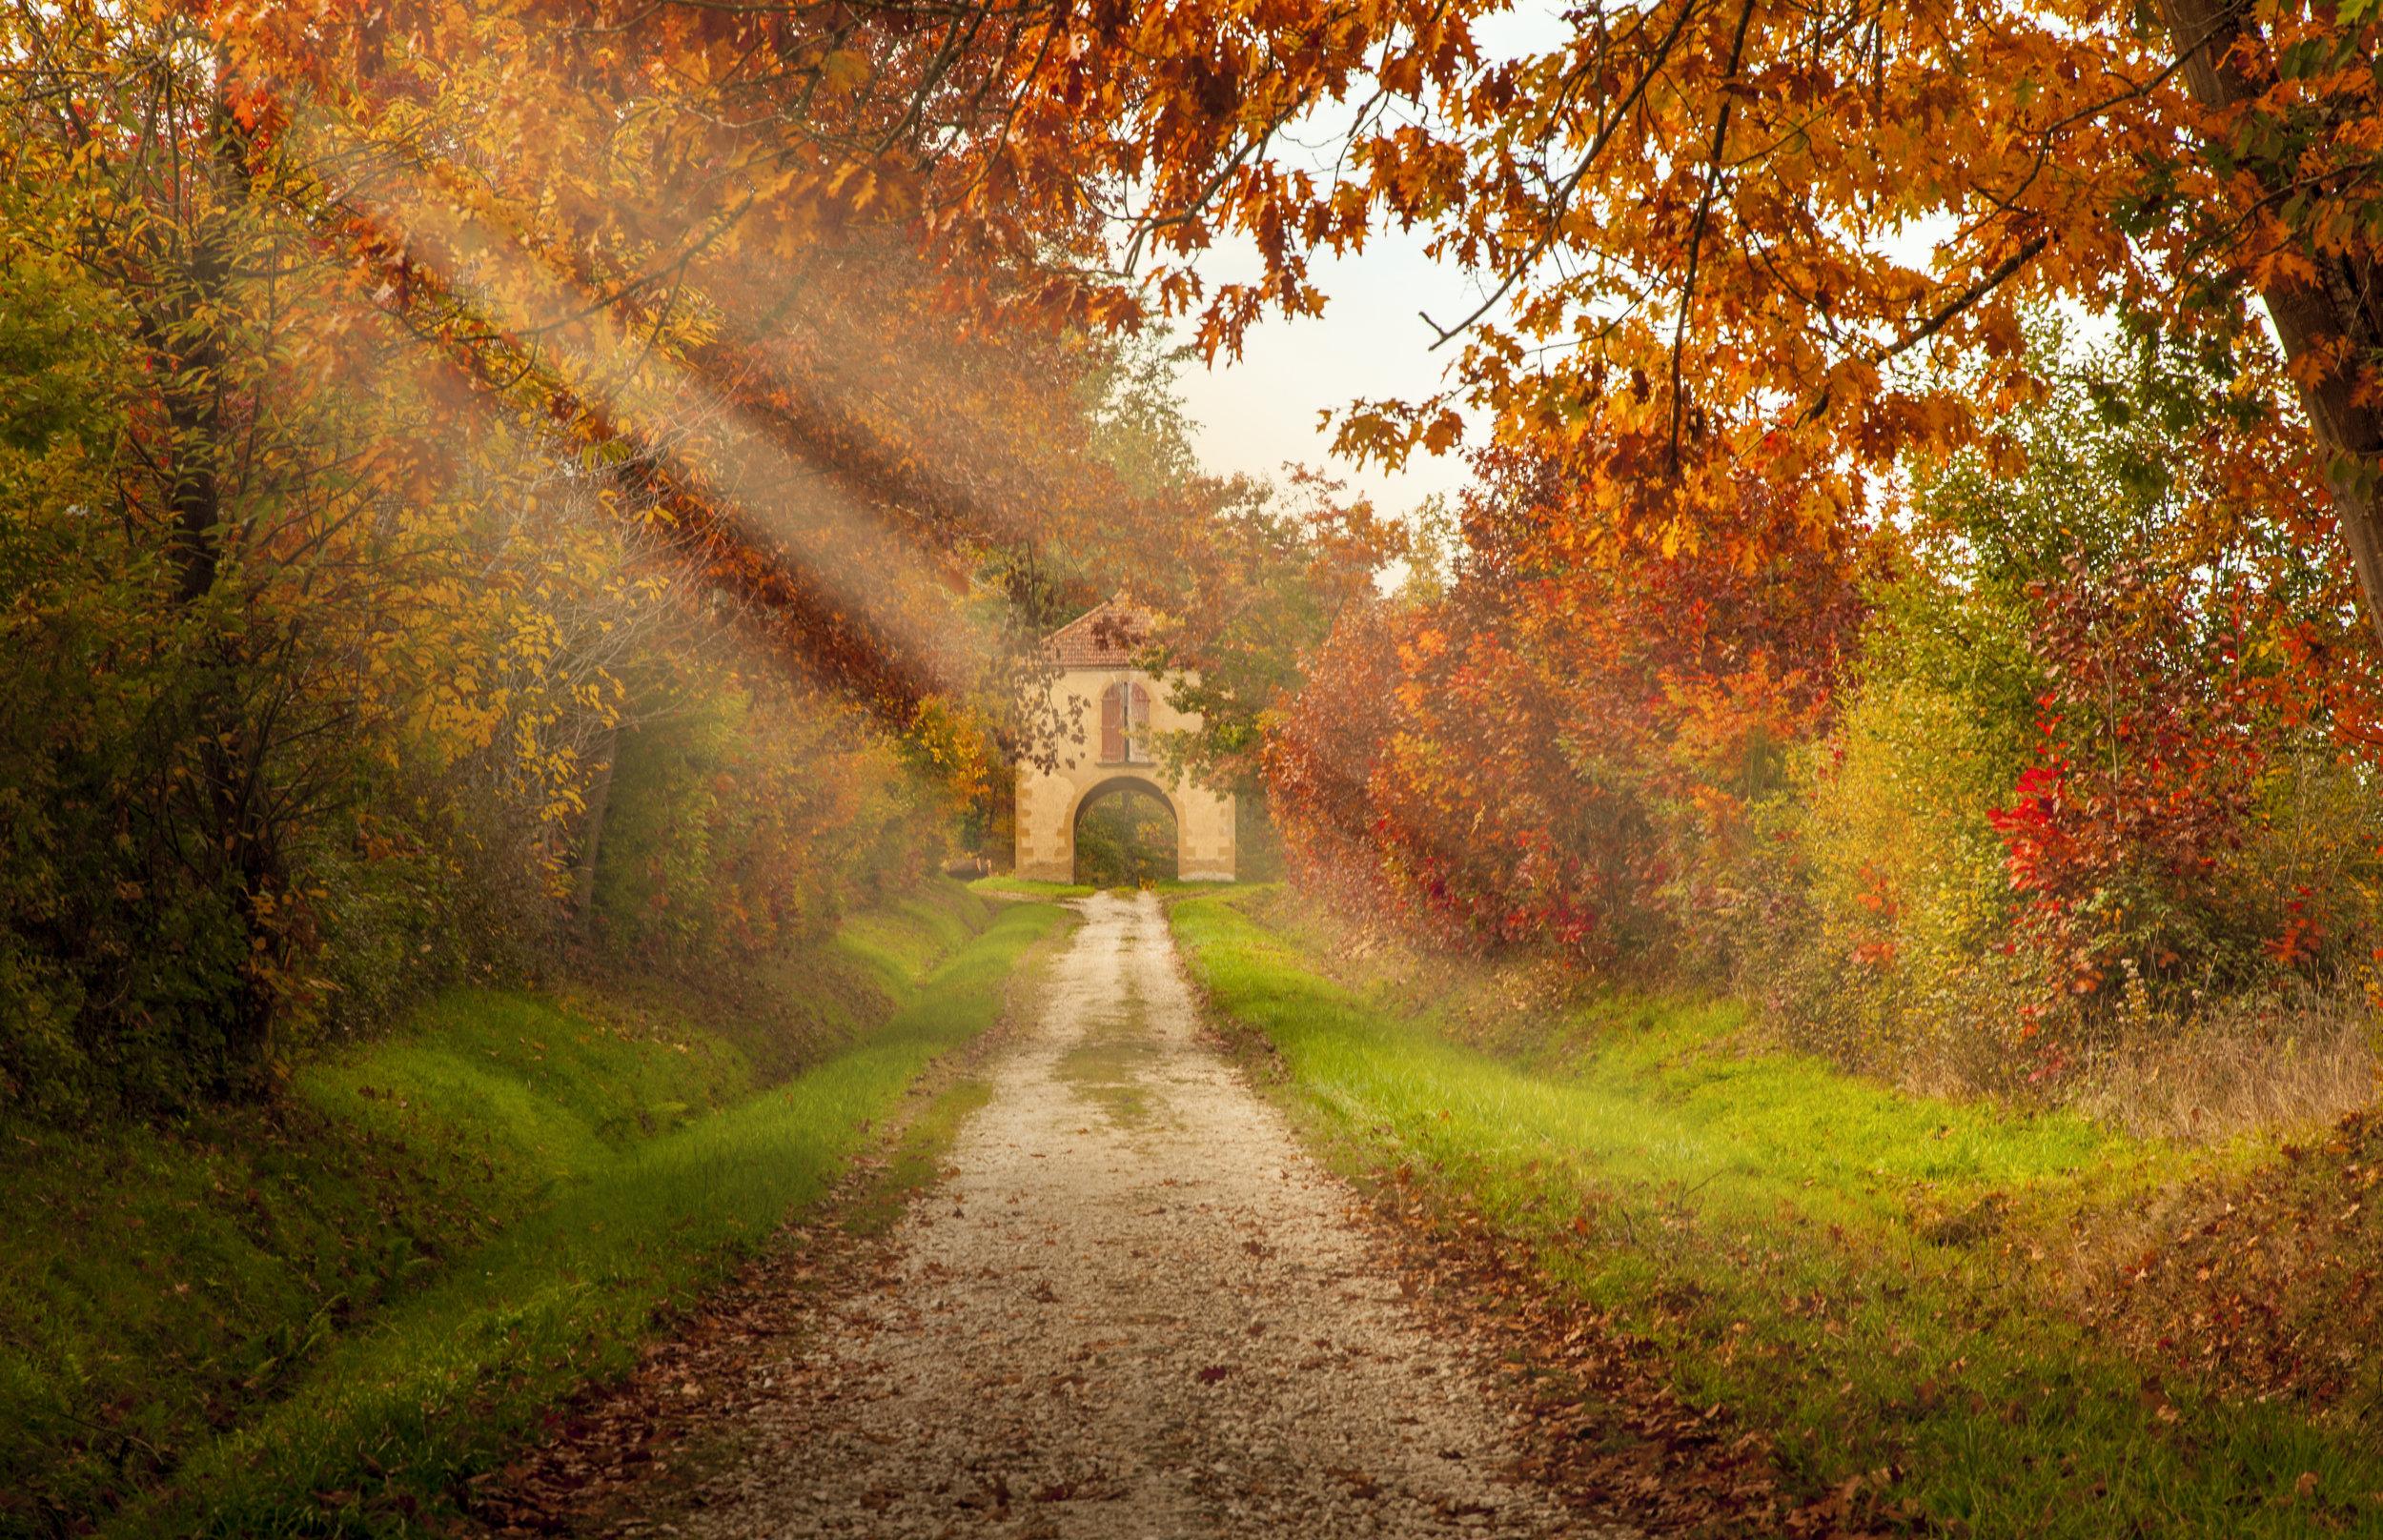 Autumn leaves in  France.jpg